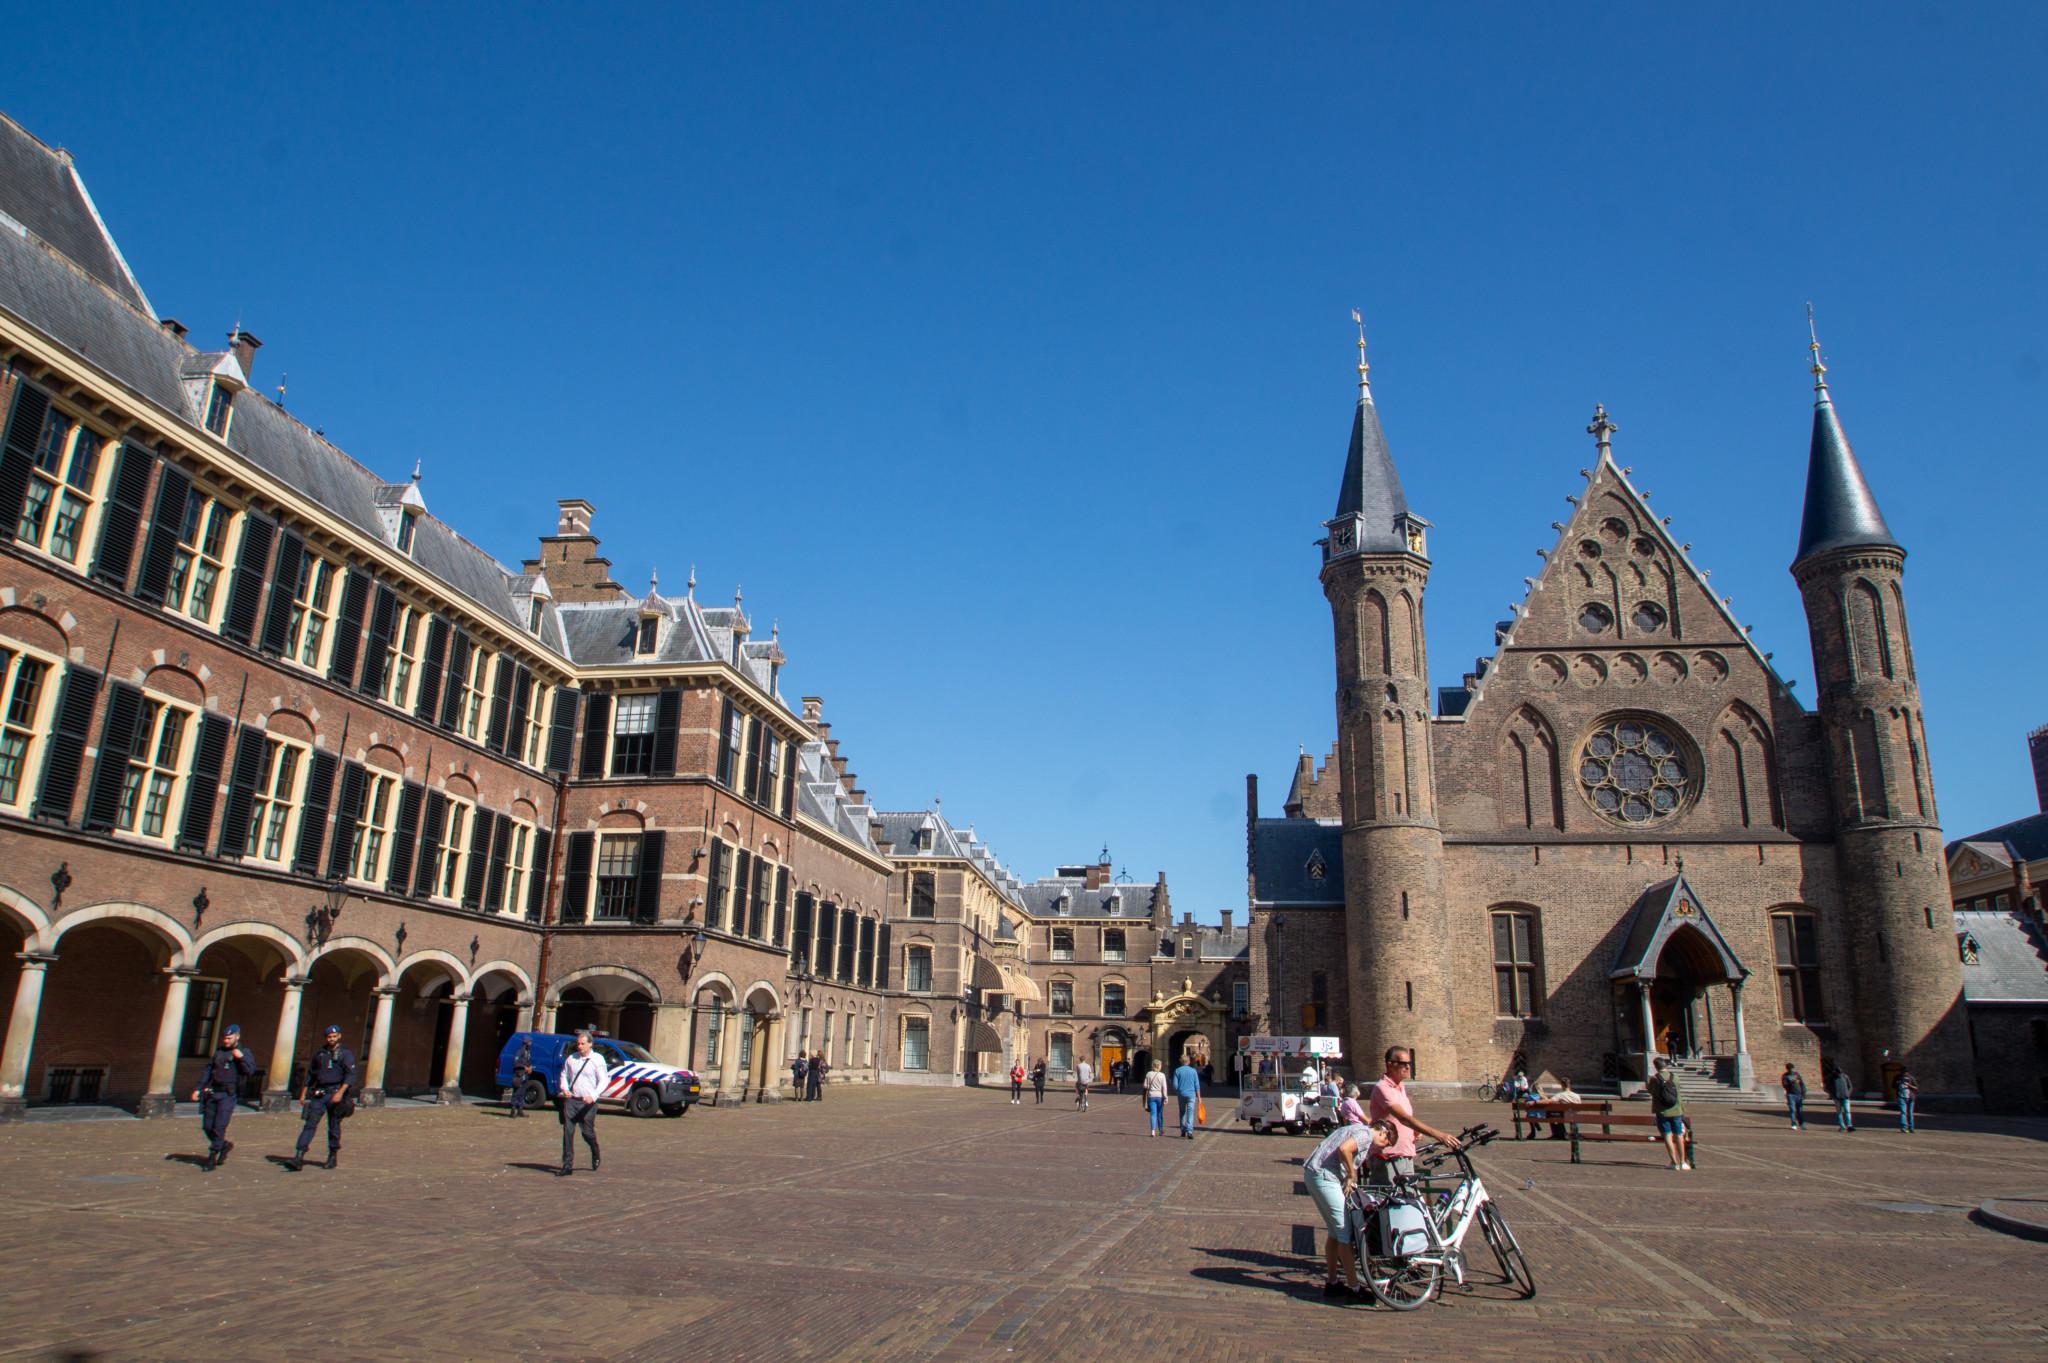 Der Binnenhof gehört zu den wichtigsten Den Haag Sehenswürdigkeiten